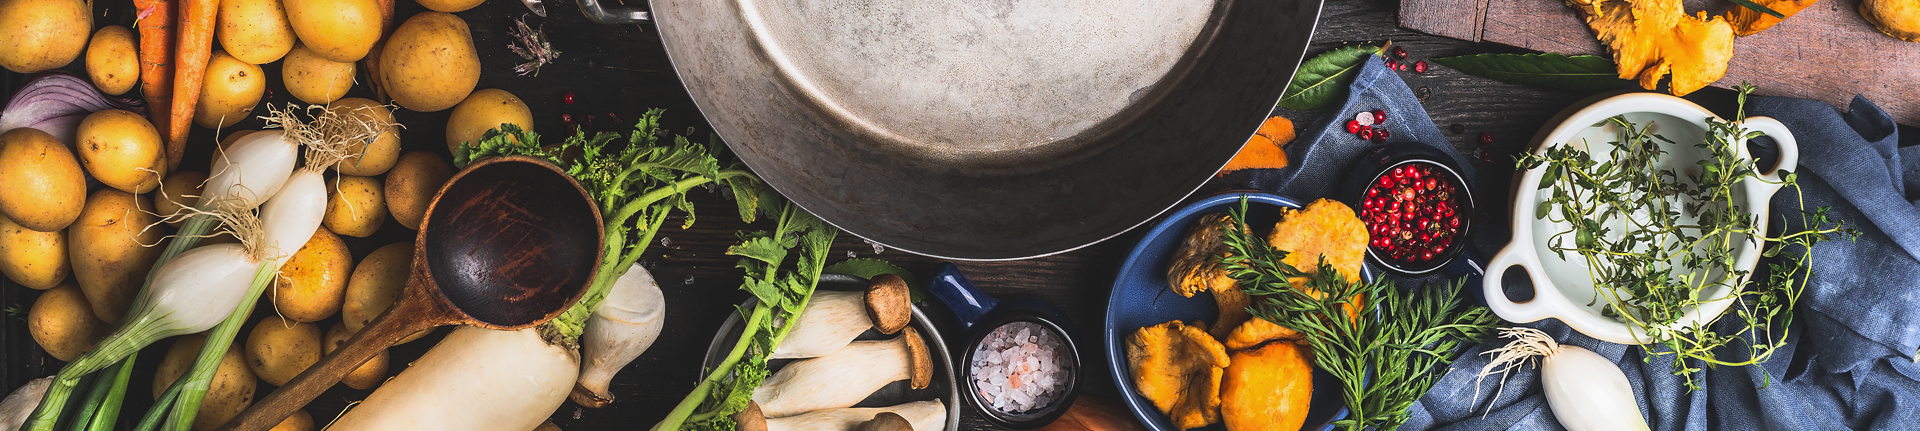 Cerâmica na cozinha: benefícios e história